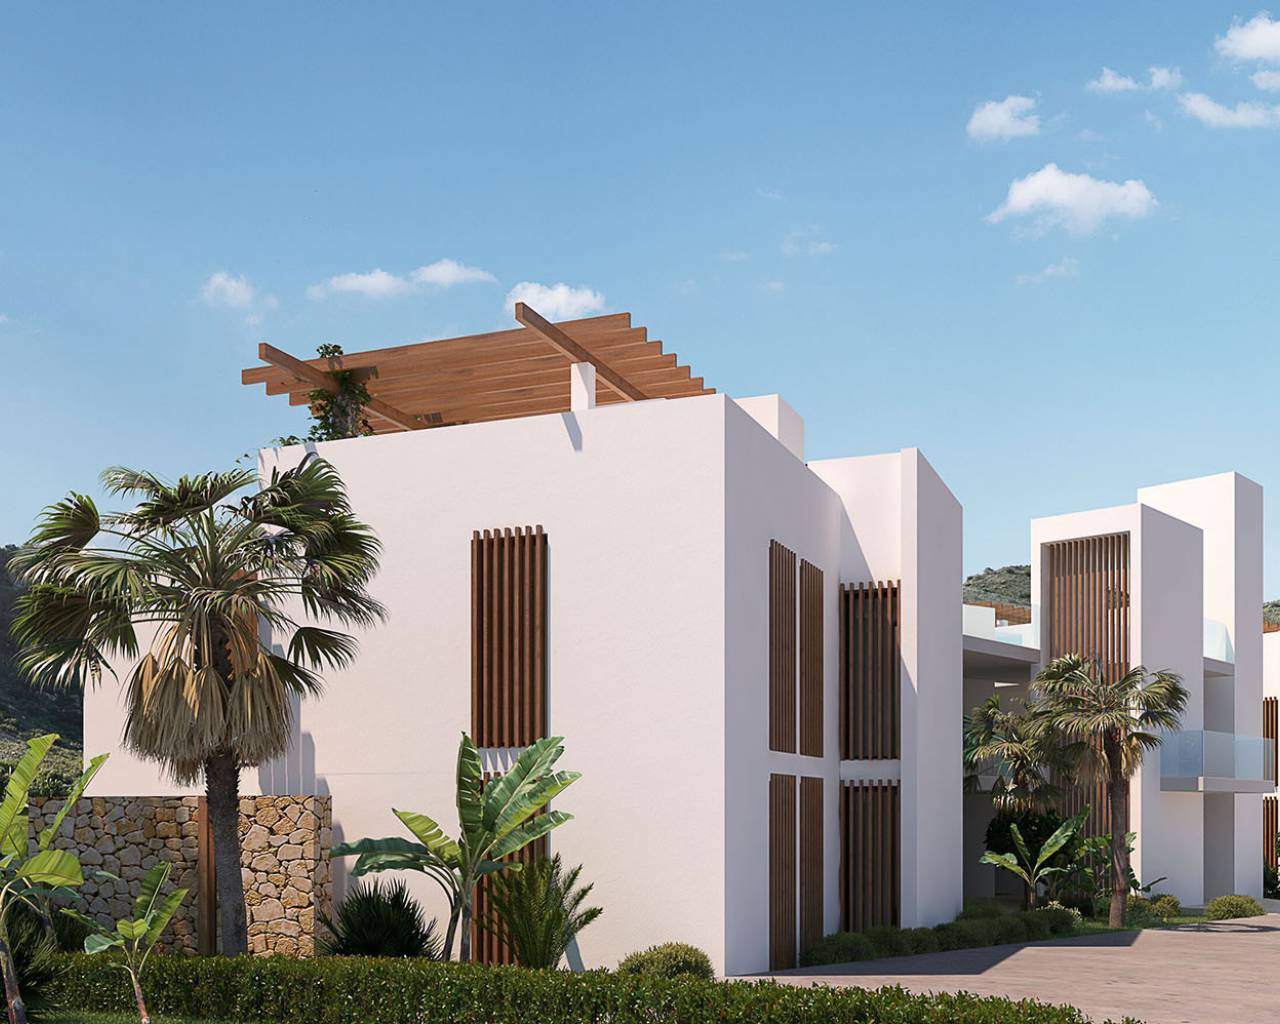 nieuwbouw-appartement-montforte-del-cid-font-del-llop_3136_xl